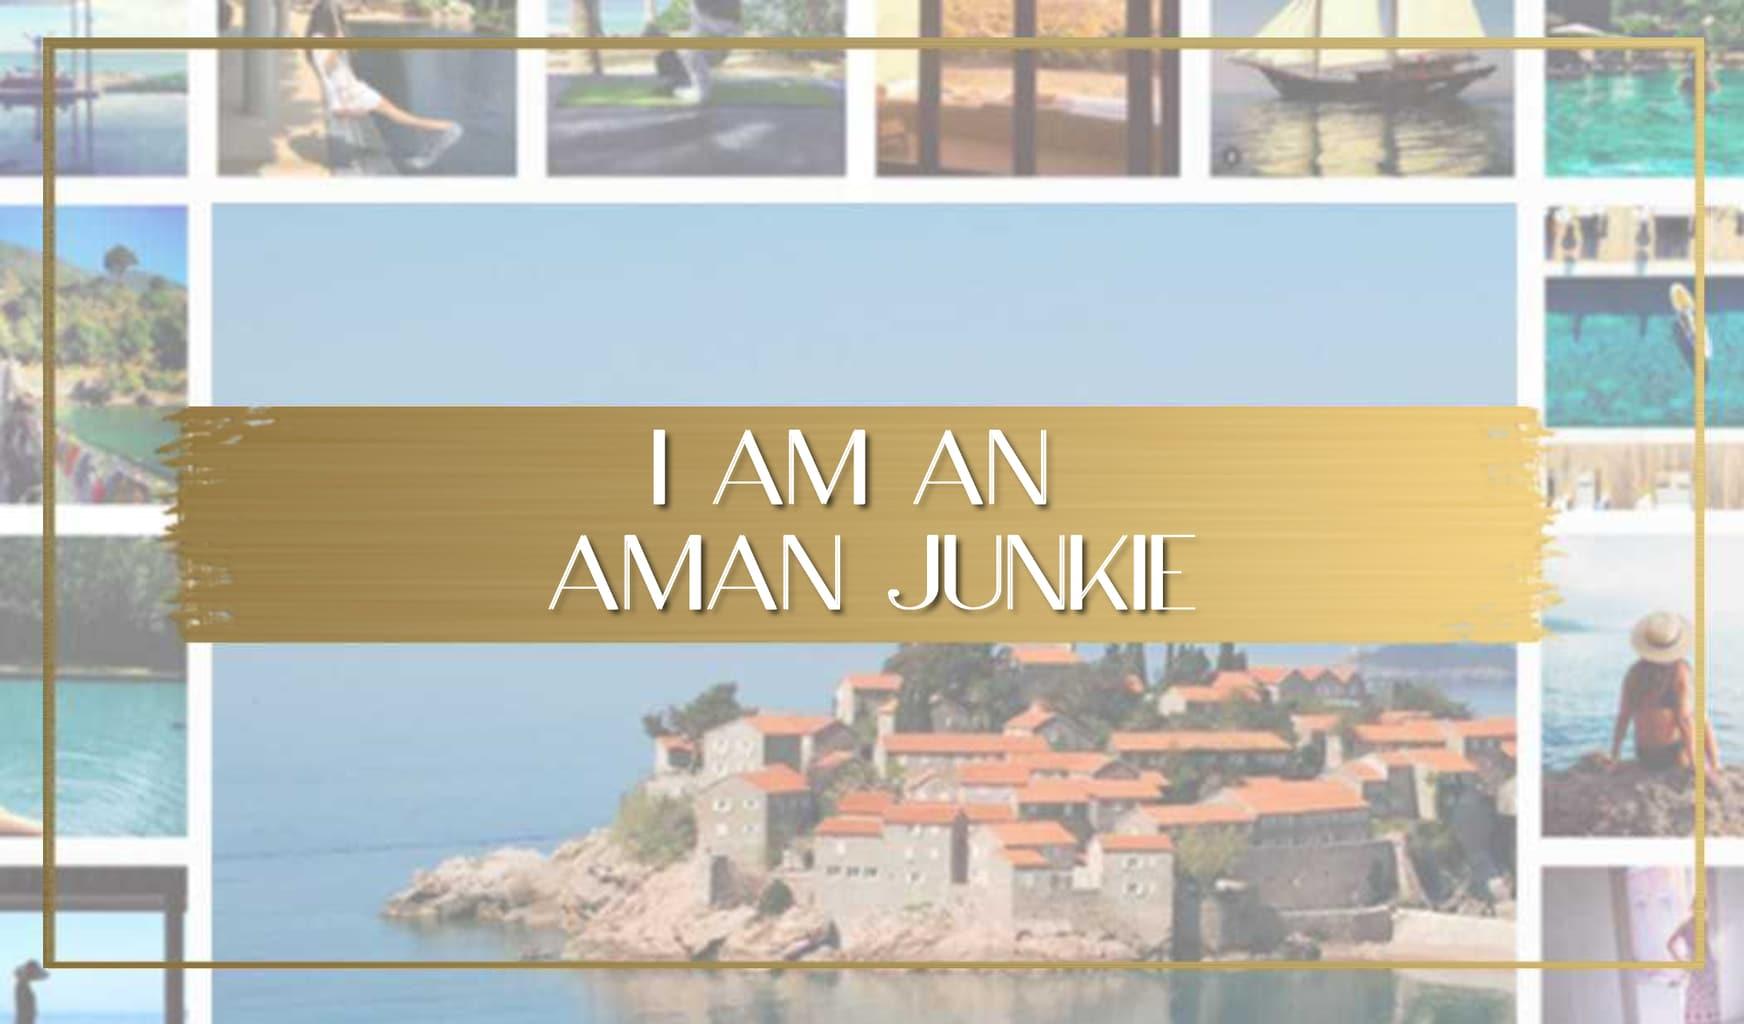 I am an Aman junkie main